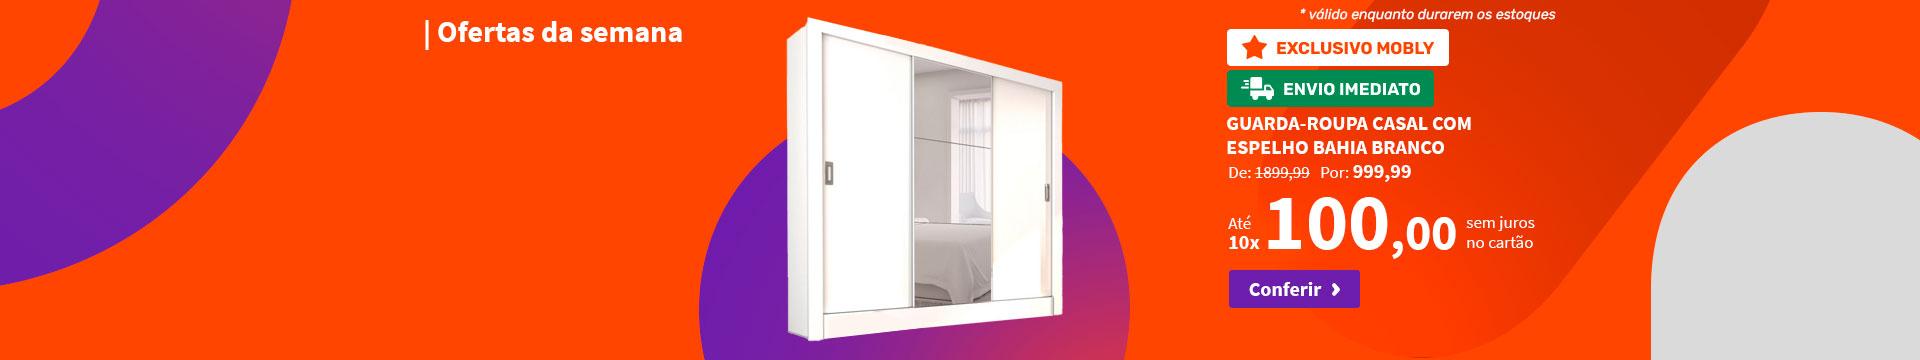 Guarda-Roupa Casal com Espelho Bahia Branco - Ofertas da semana